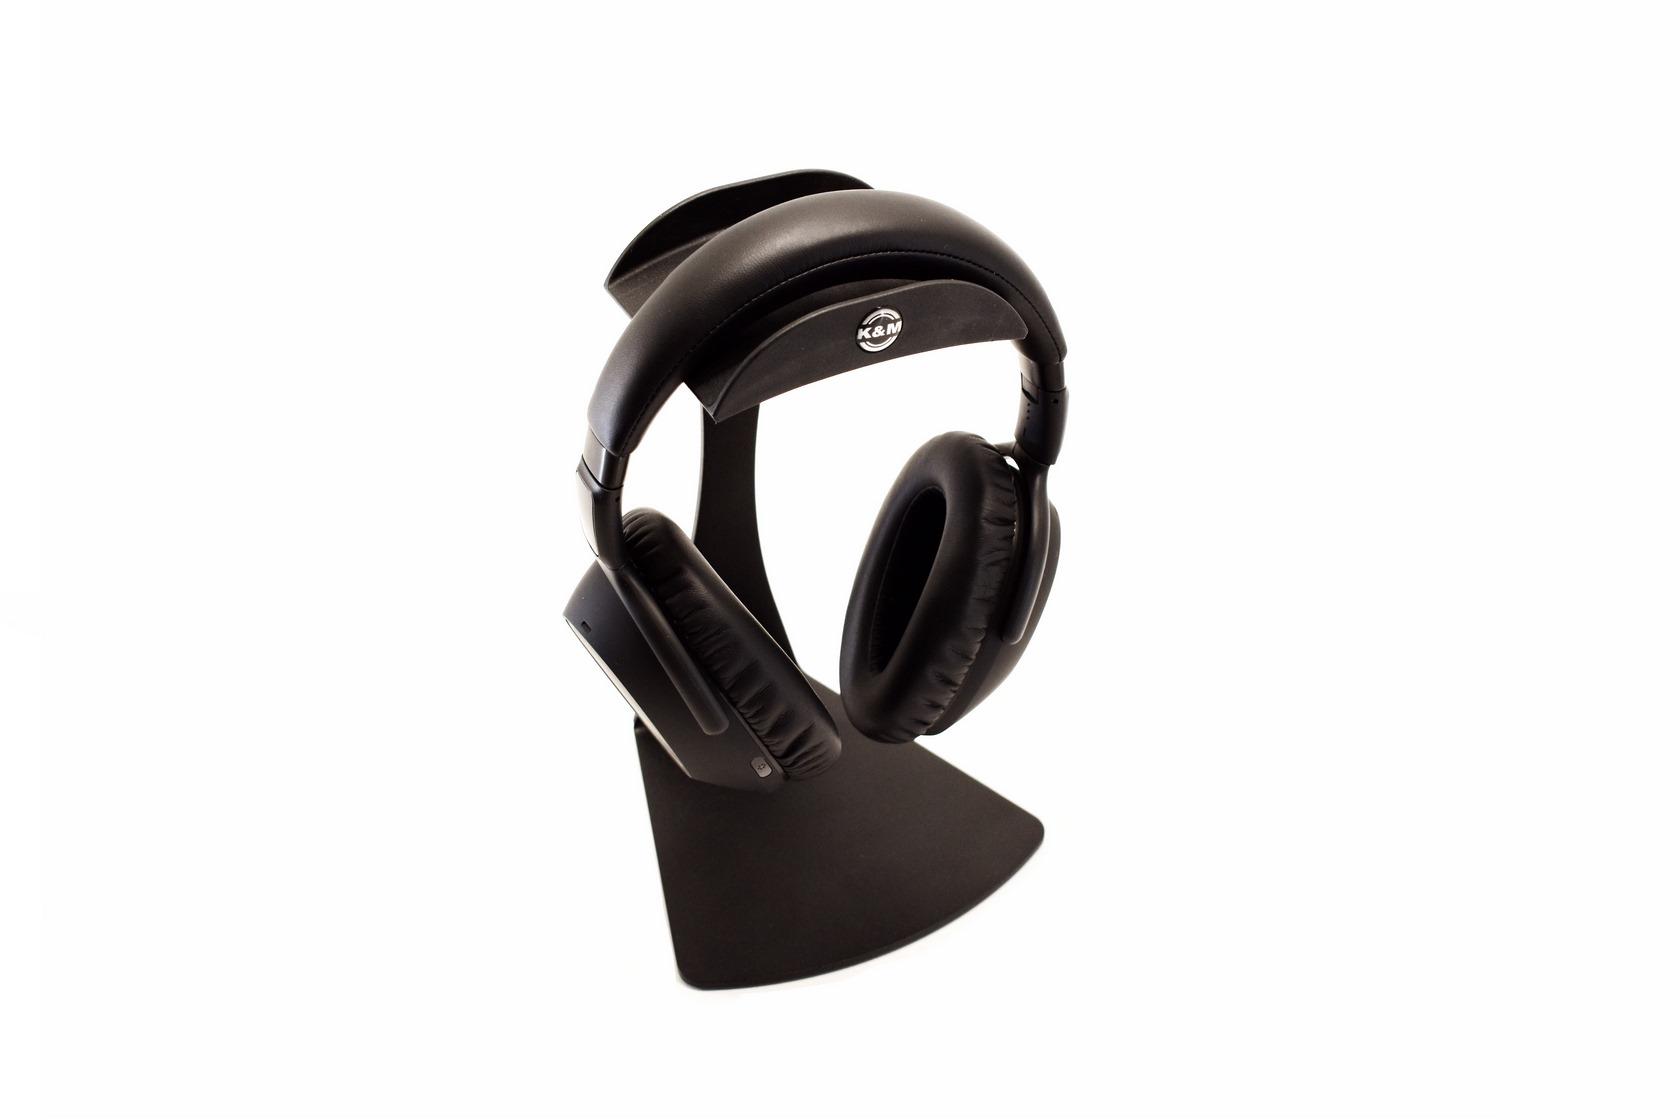 EPOS Sennheiser ADAPT 660; Working Headphones 2